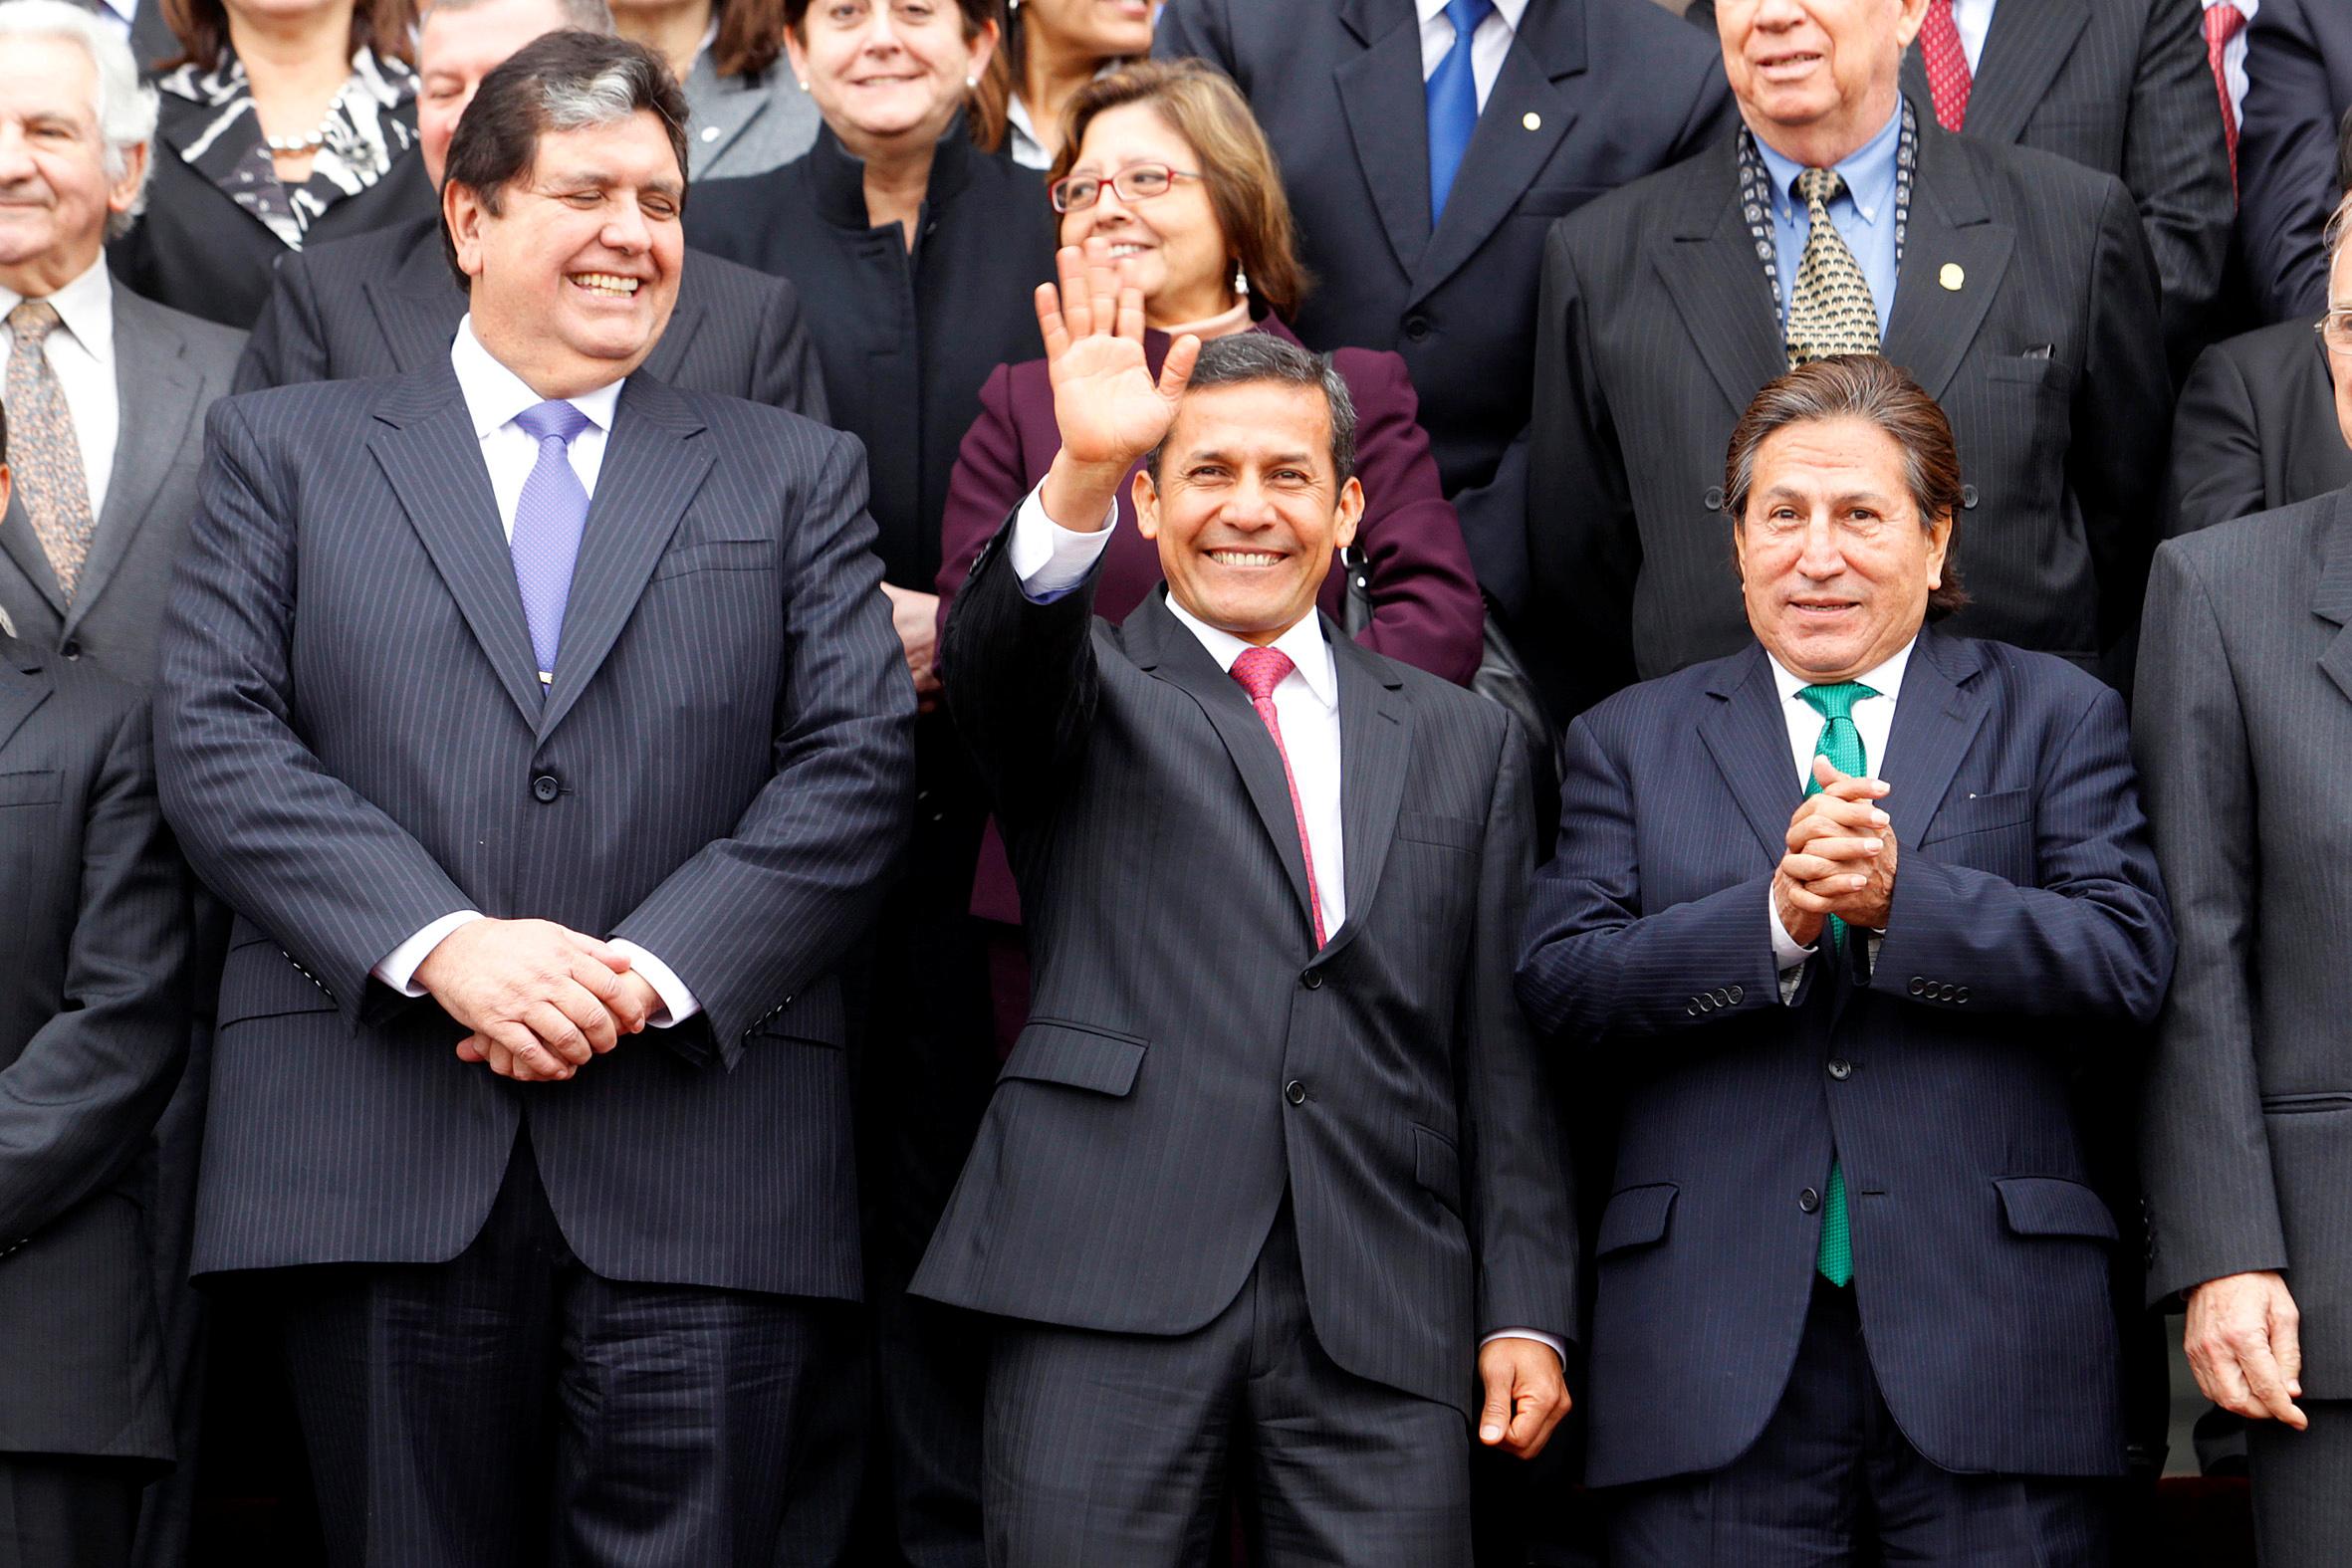 García, hoy fallecido, junto a Ollanta Humala (2006-2011), hoy investigado por la justicia, y Alejandro Toledo (2001-2006), actualmente prófugo